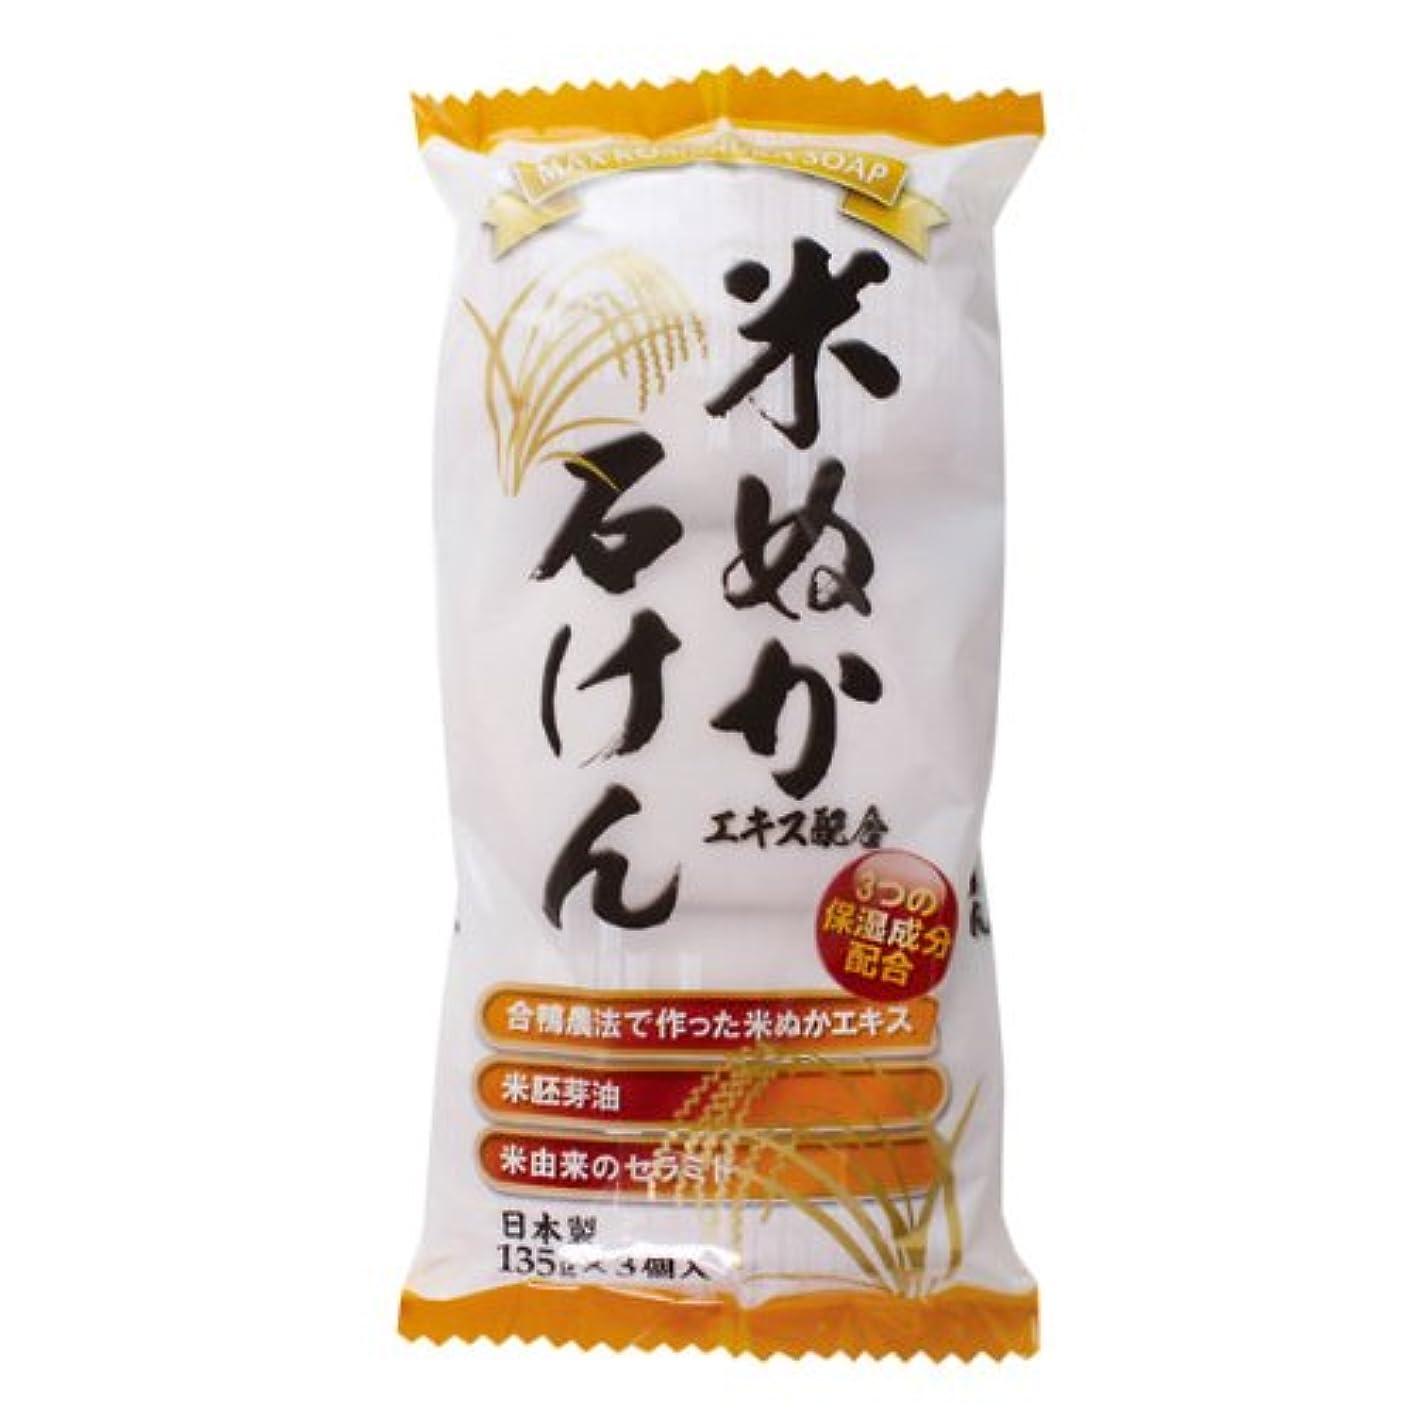 高価なそこ手を差し伸べる米ぬかエキス配合石けん 3個入 135g×3個